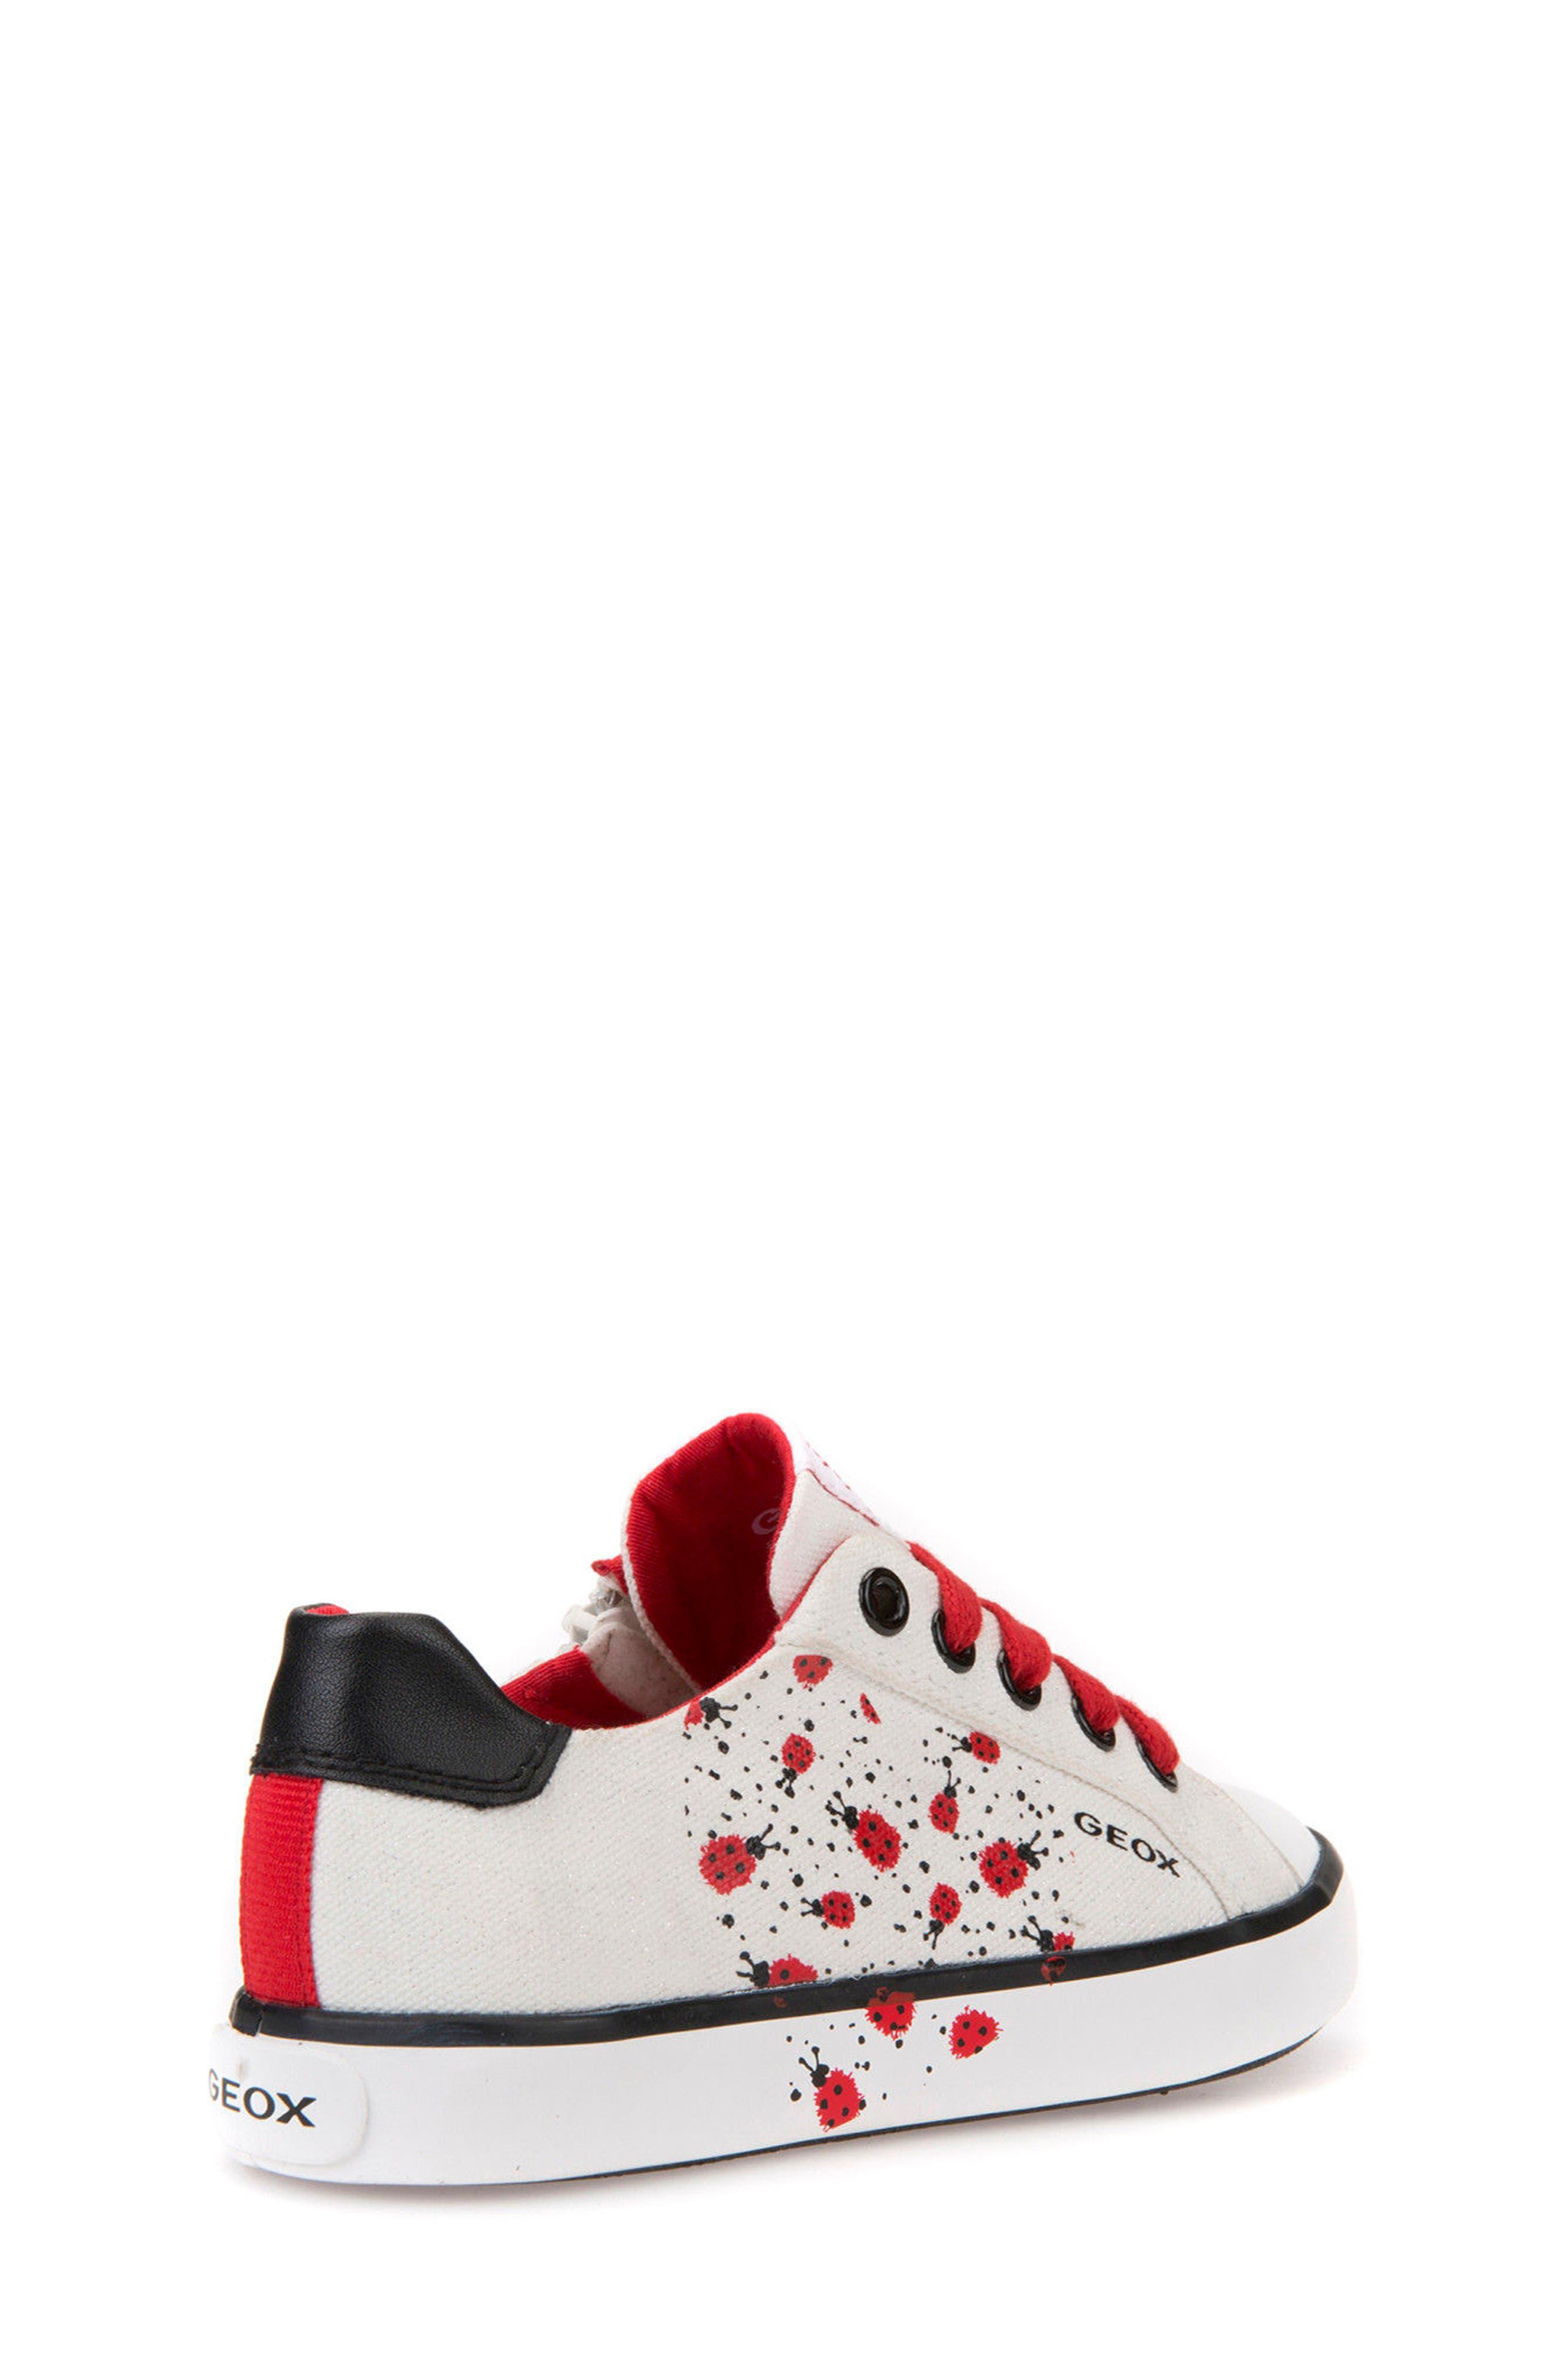 Ciak Low Top Sneaker,                             Alternate thumbnail 2, color,                             116